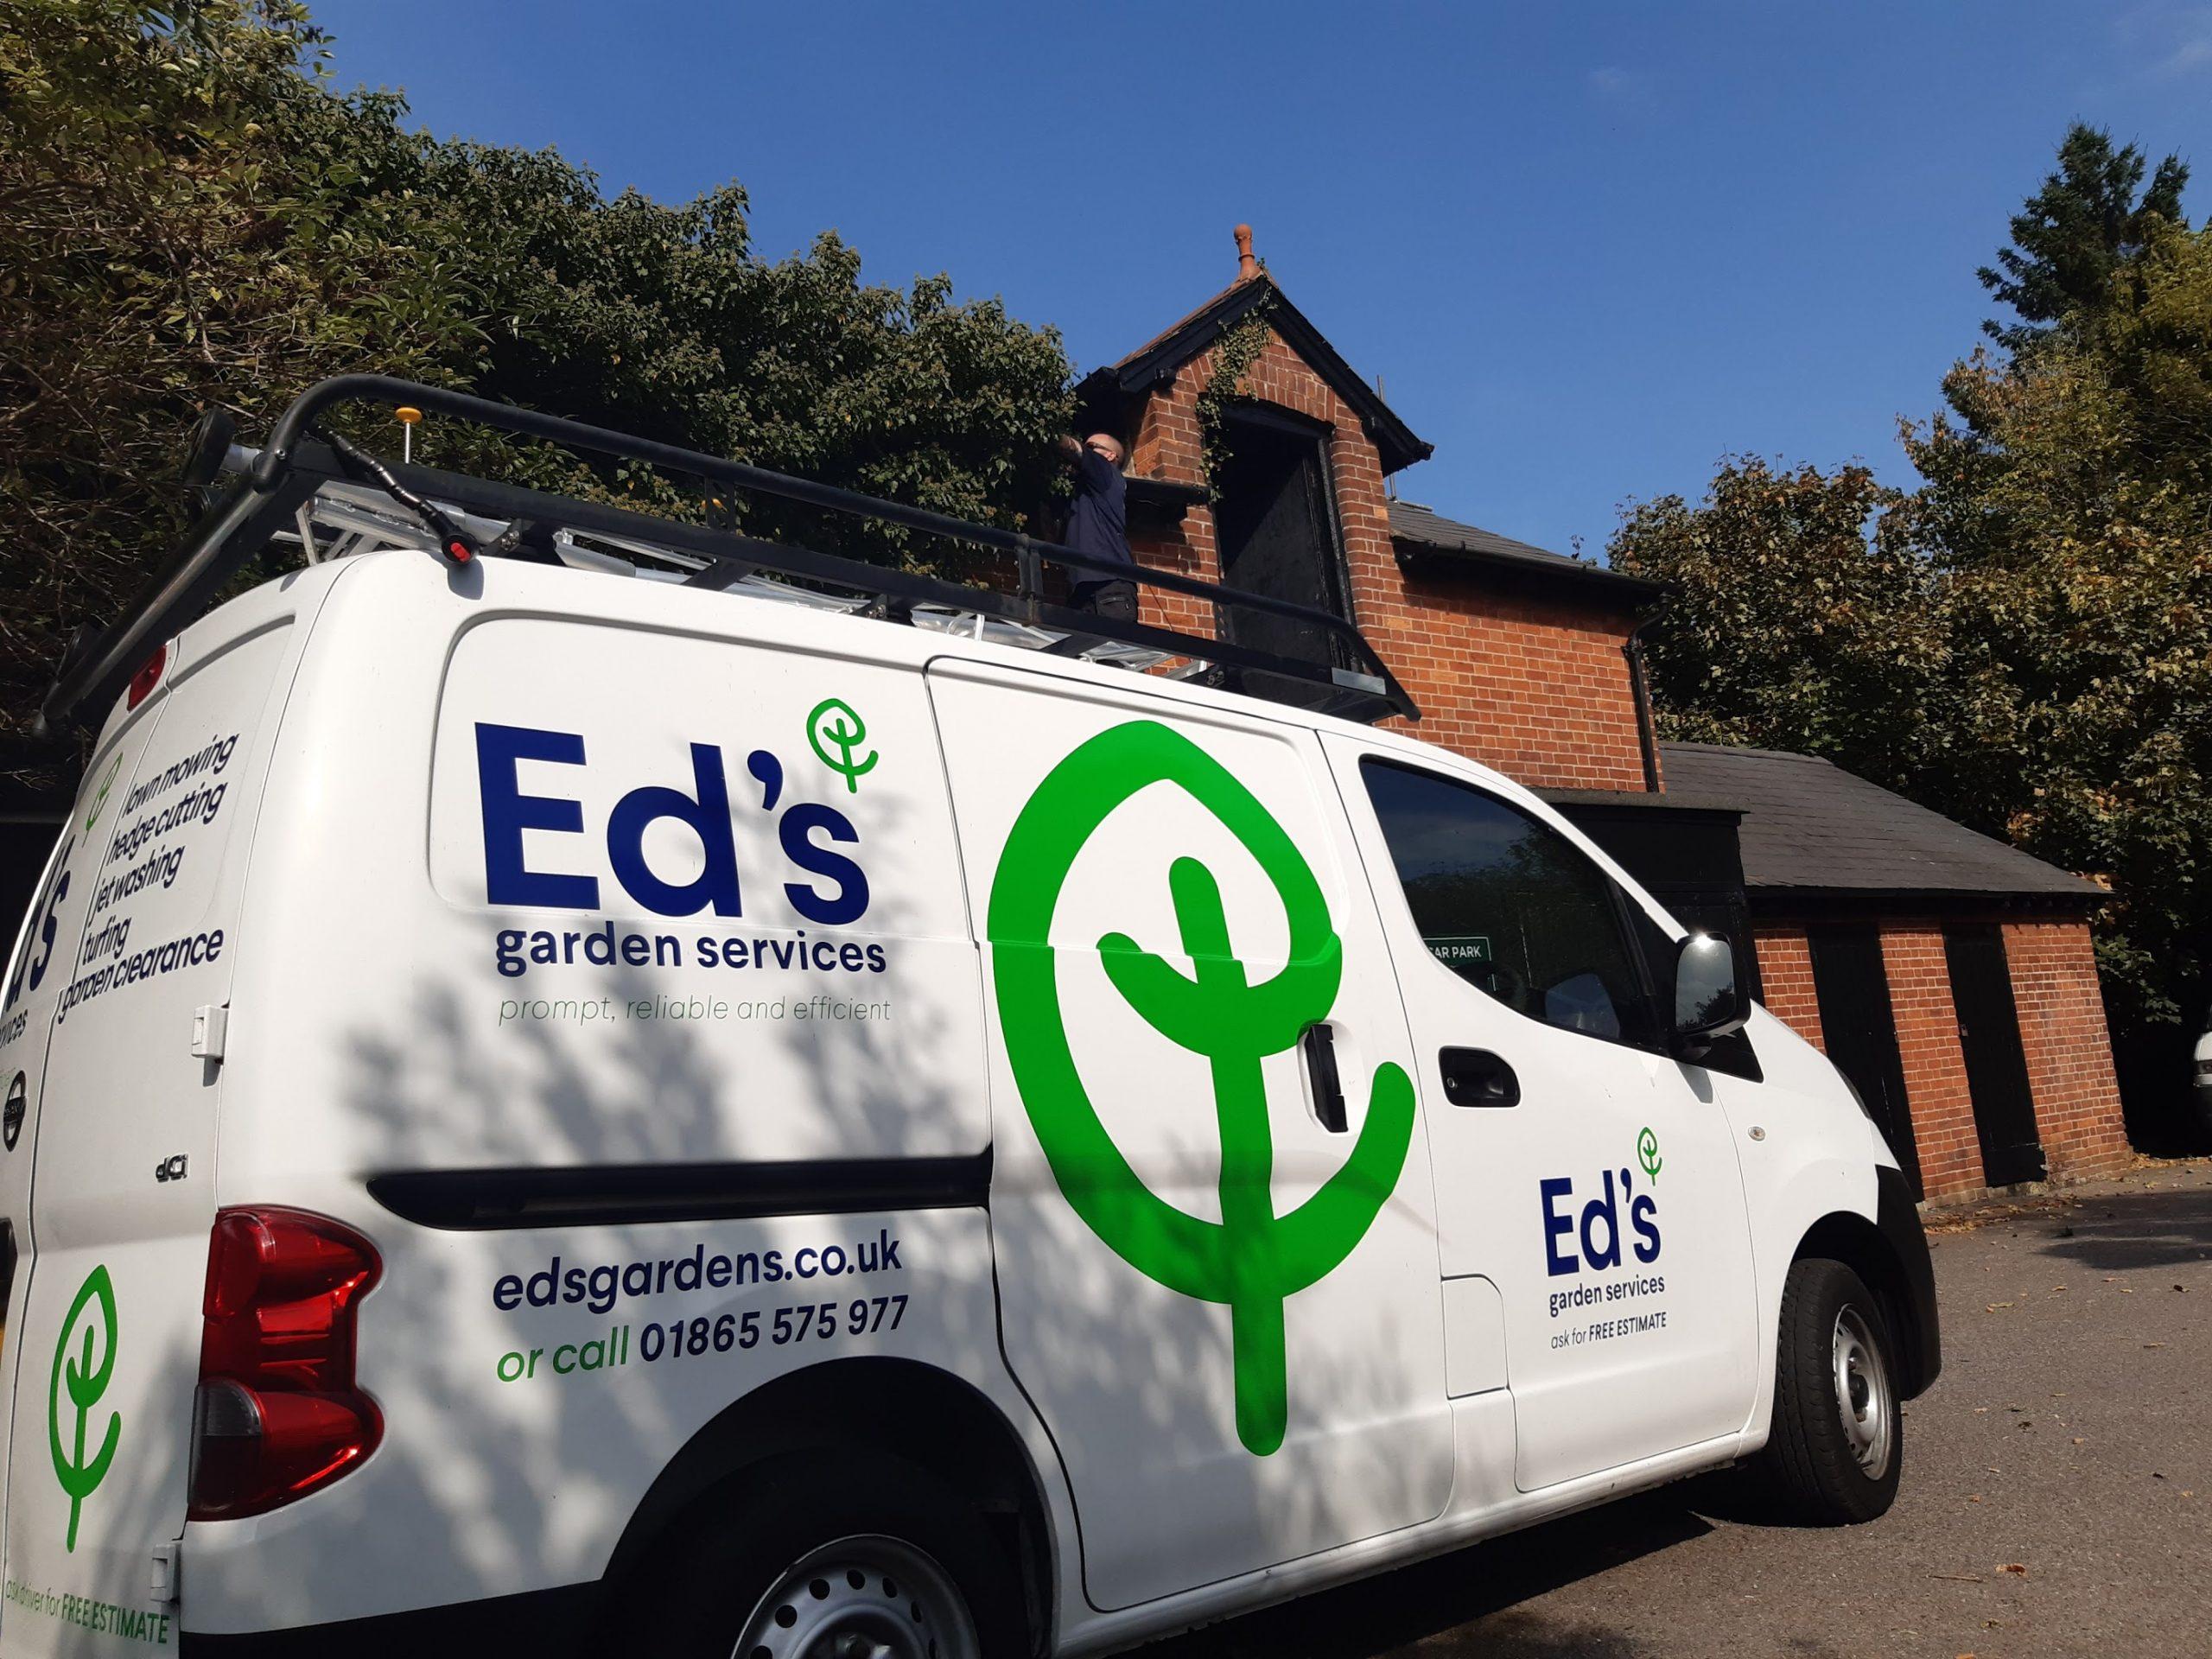 Eds Garden Business